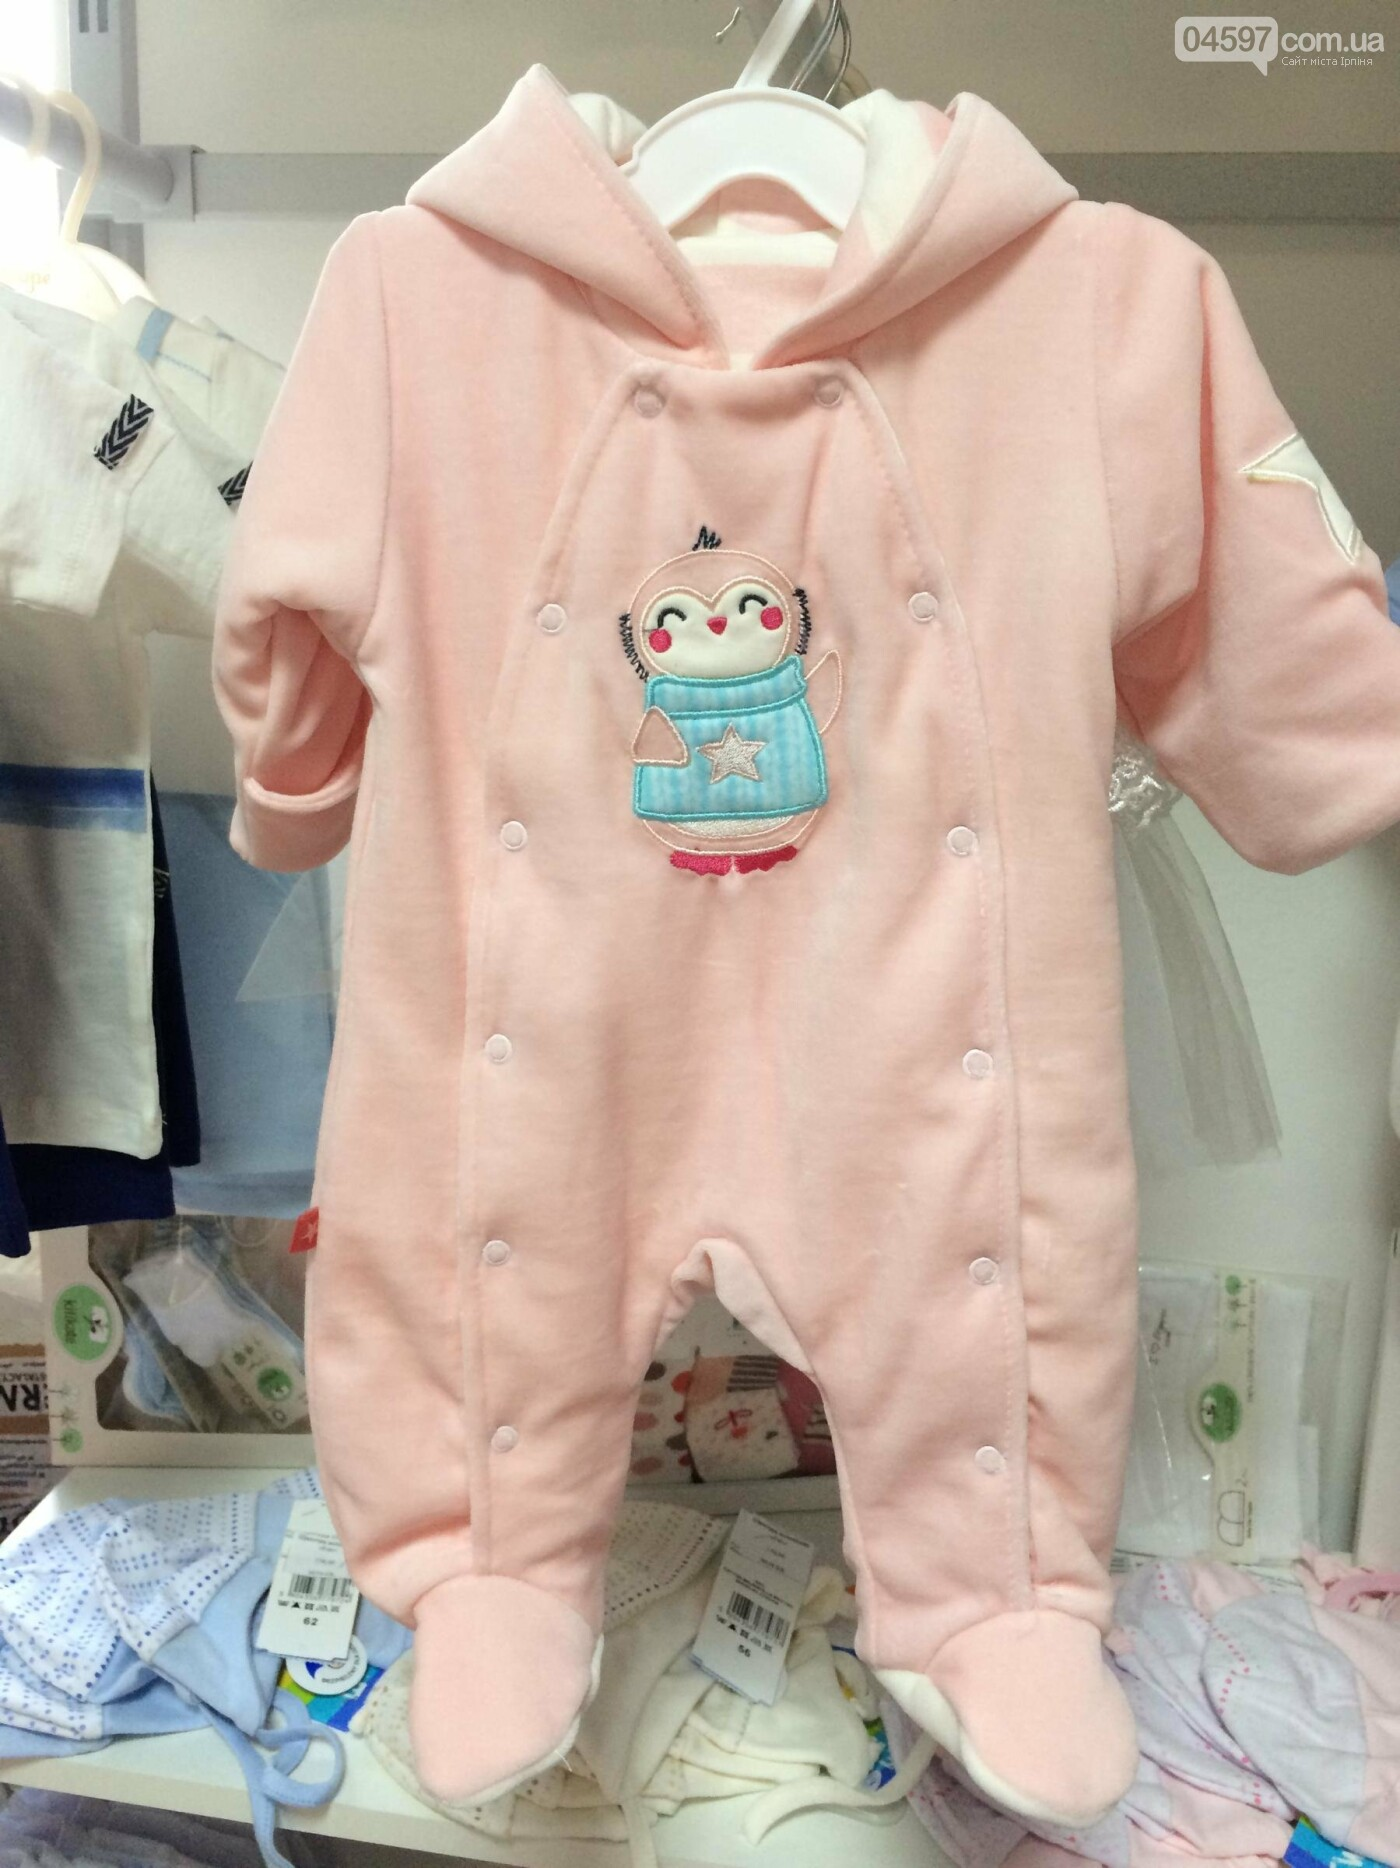 Де купити дитячий одяг в Ірпені: асортимент та ціни, фото-57